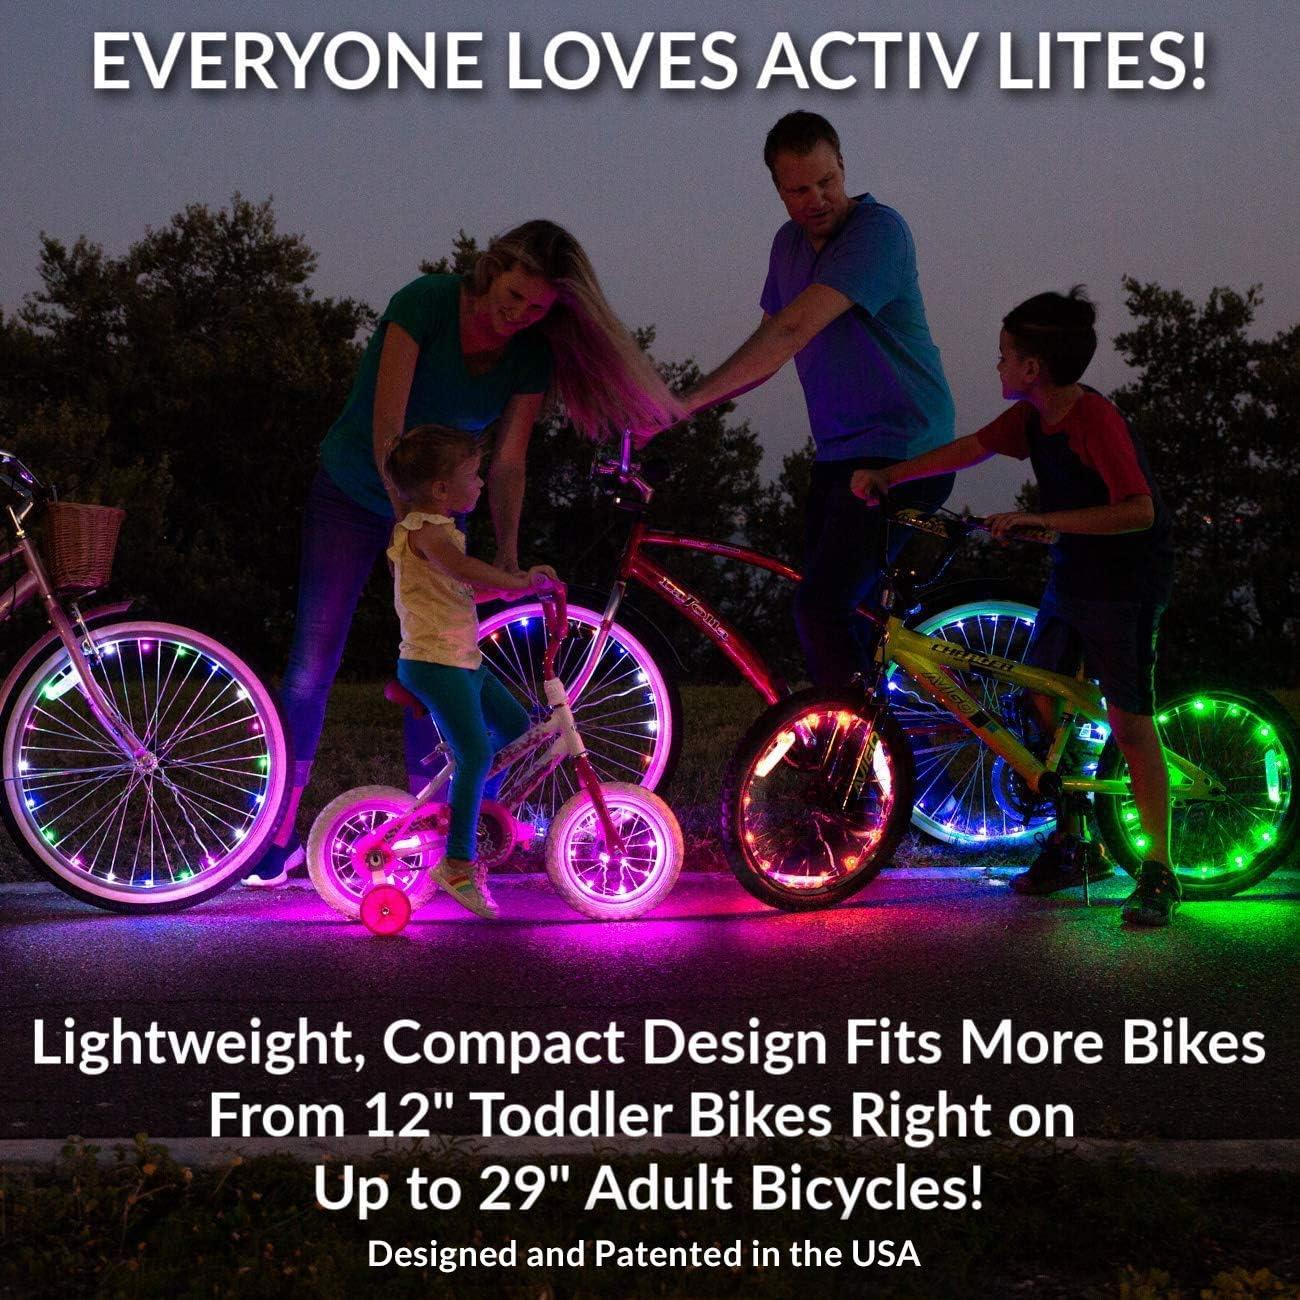 Conjunto para 2 Ruedas Obt/én un 100/% de Brillo y Visibilidad Desde Todos los /Ángulos para una M/áxima Seguridad y Estilo Activ Life Luces LED para Ruedas de Bicicletas Bater/ías Incluidas